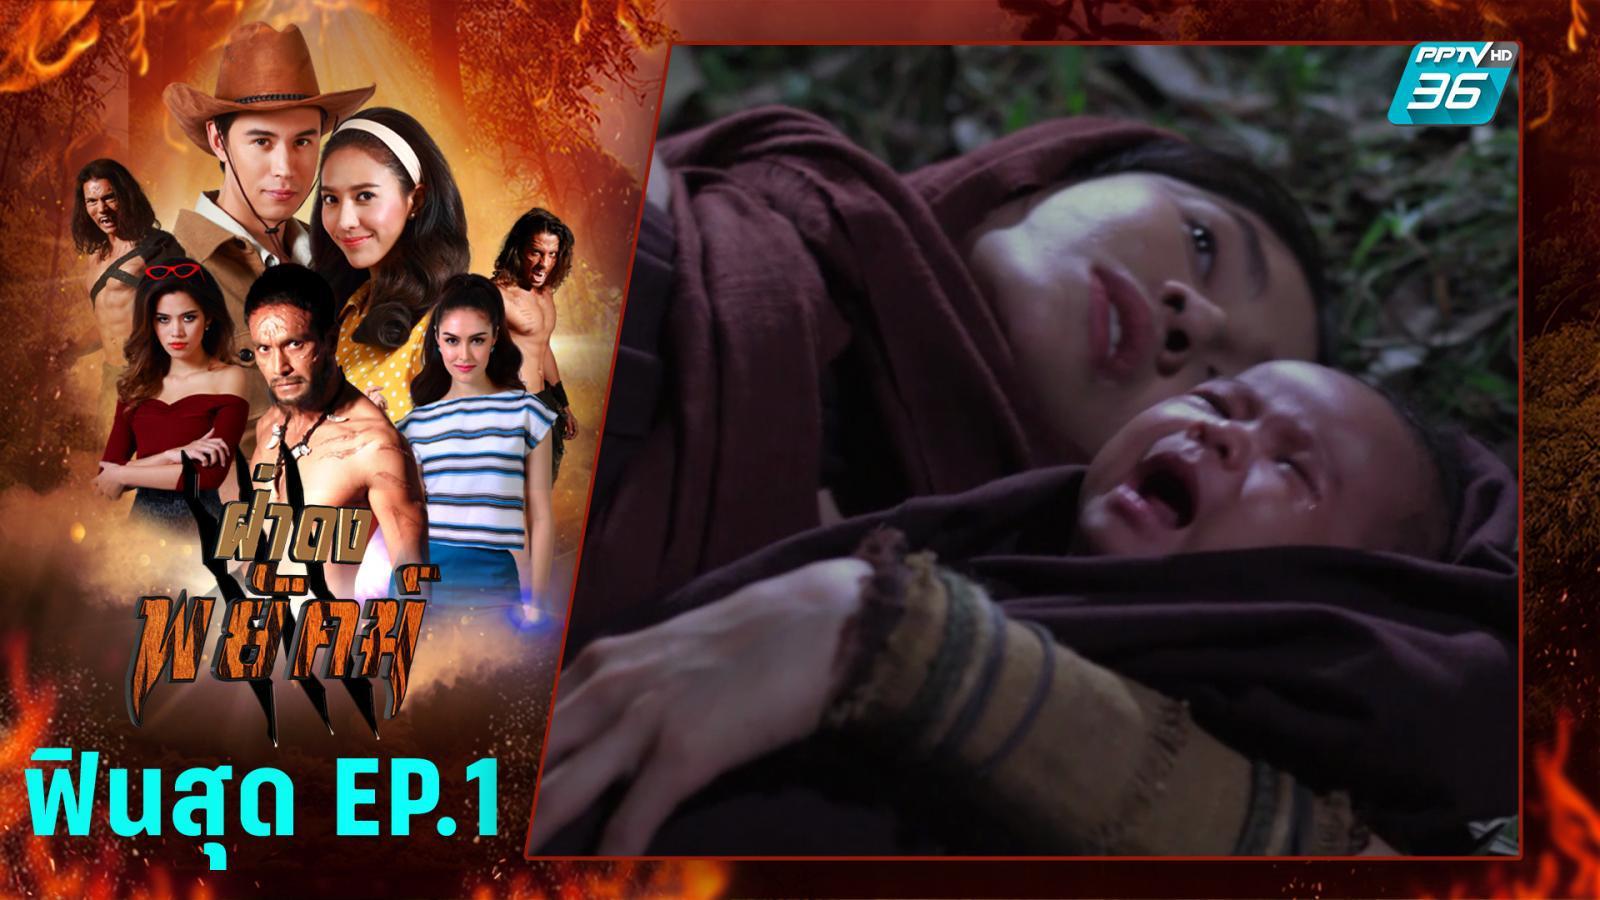 ฟินสุด | ความเชื่อ | ฝ่าดงพยัคฆ์ EP.1 | PPTV HD 36